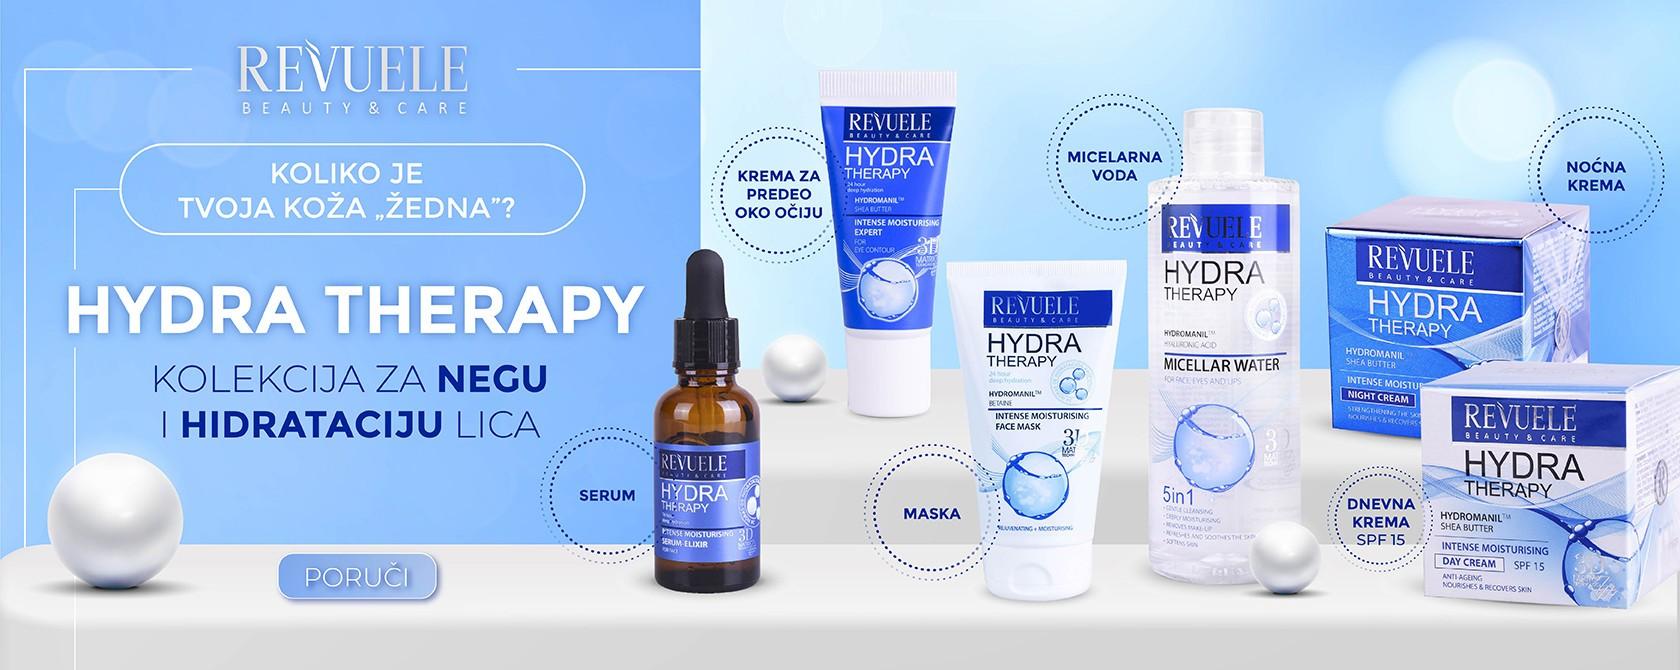 Hydra Therapy Revuele